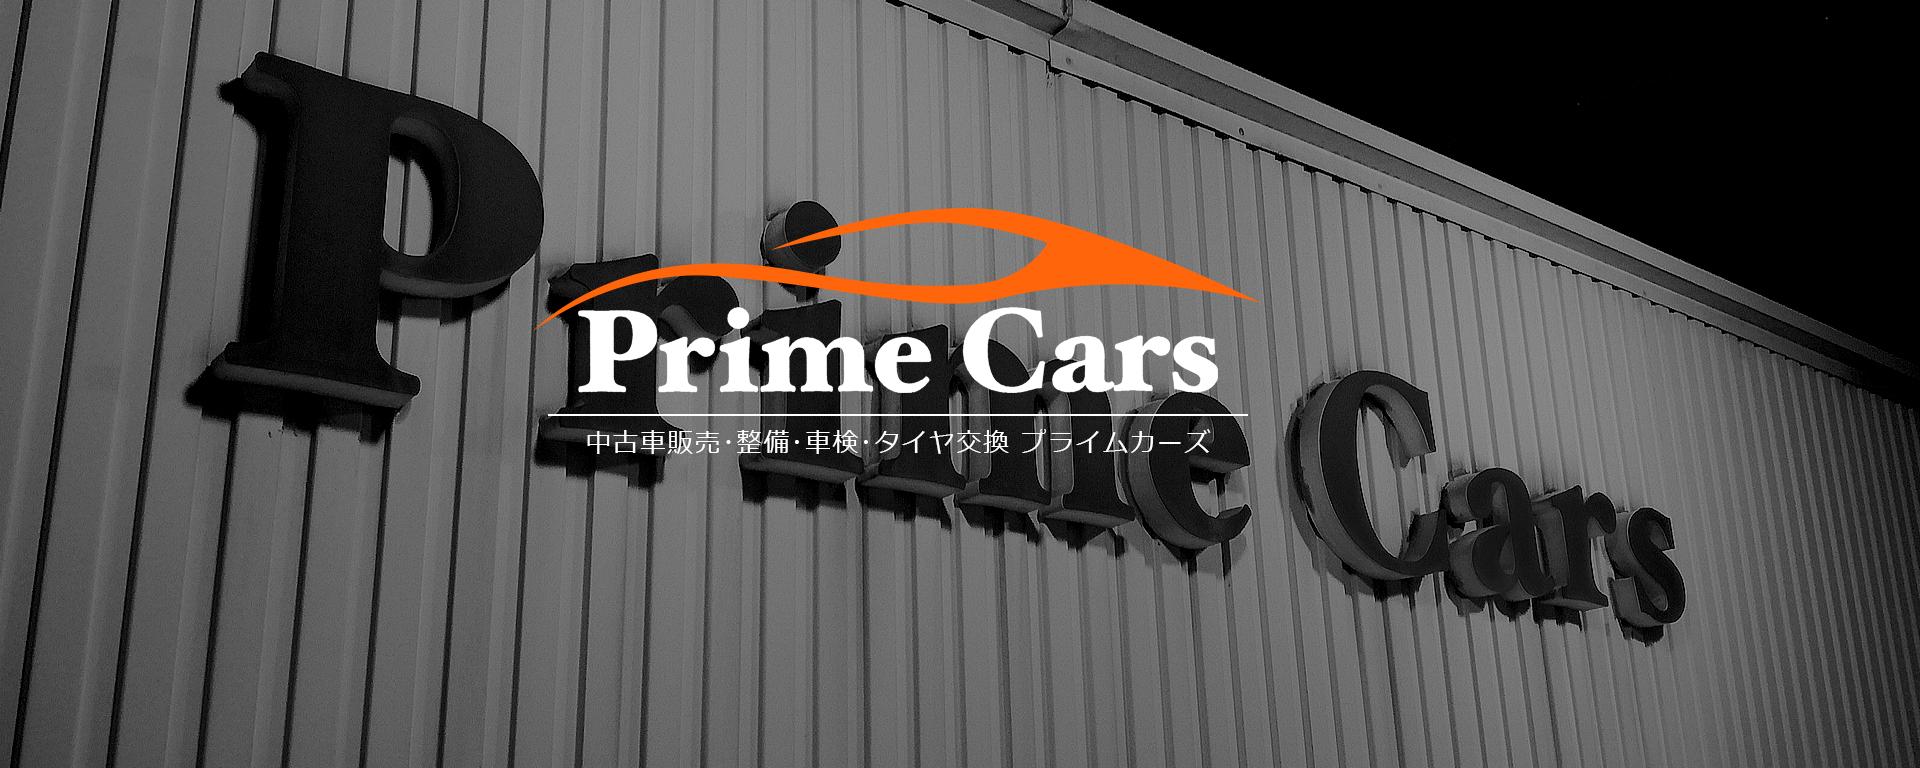 福島市 中古車販売・整備・車検なら (株)プライムカーズ